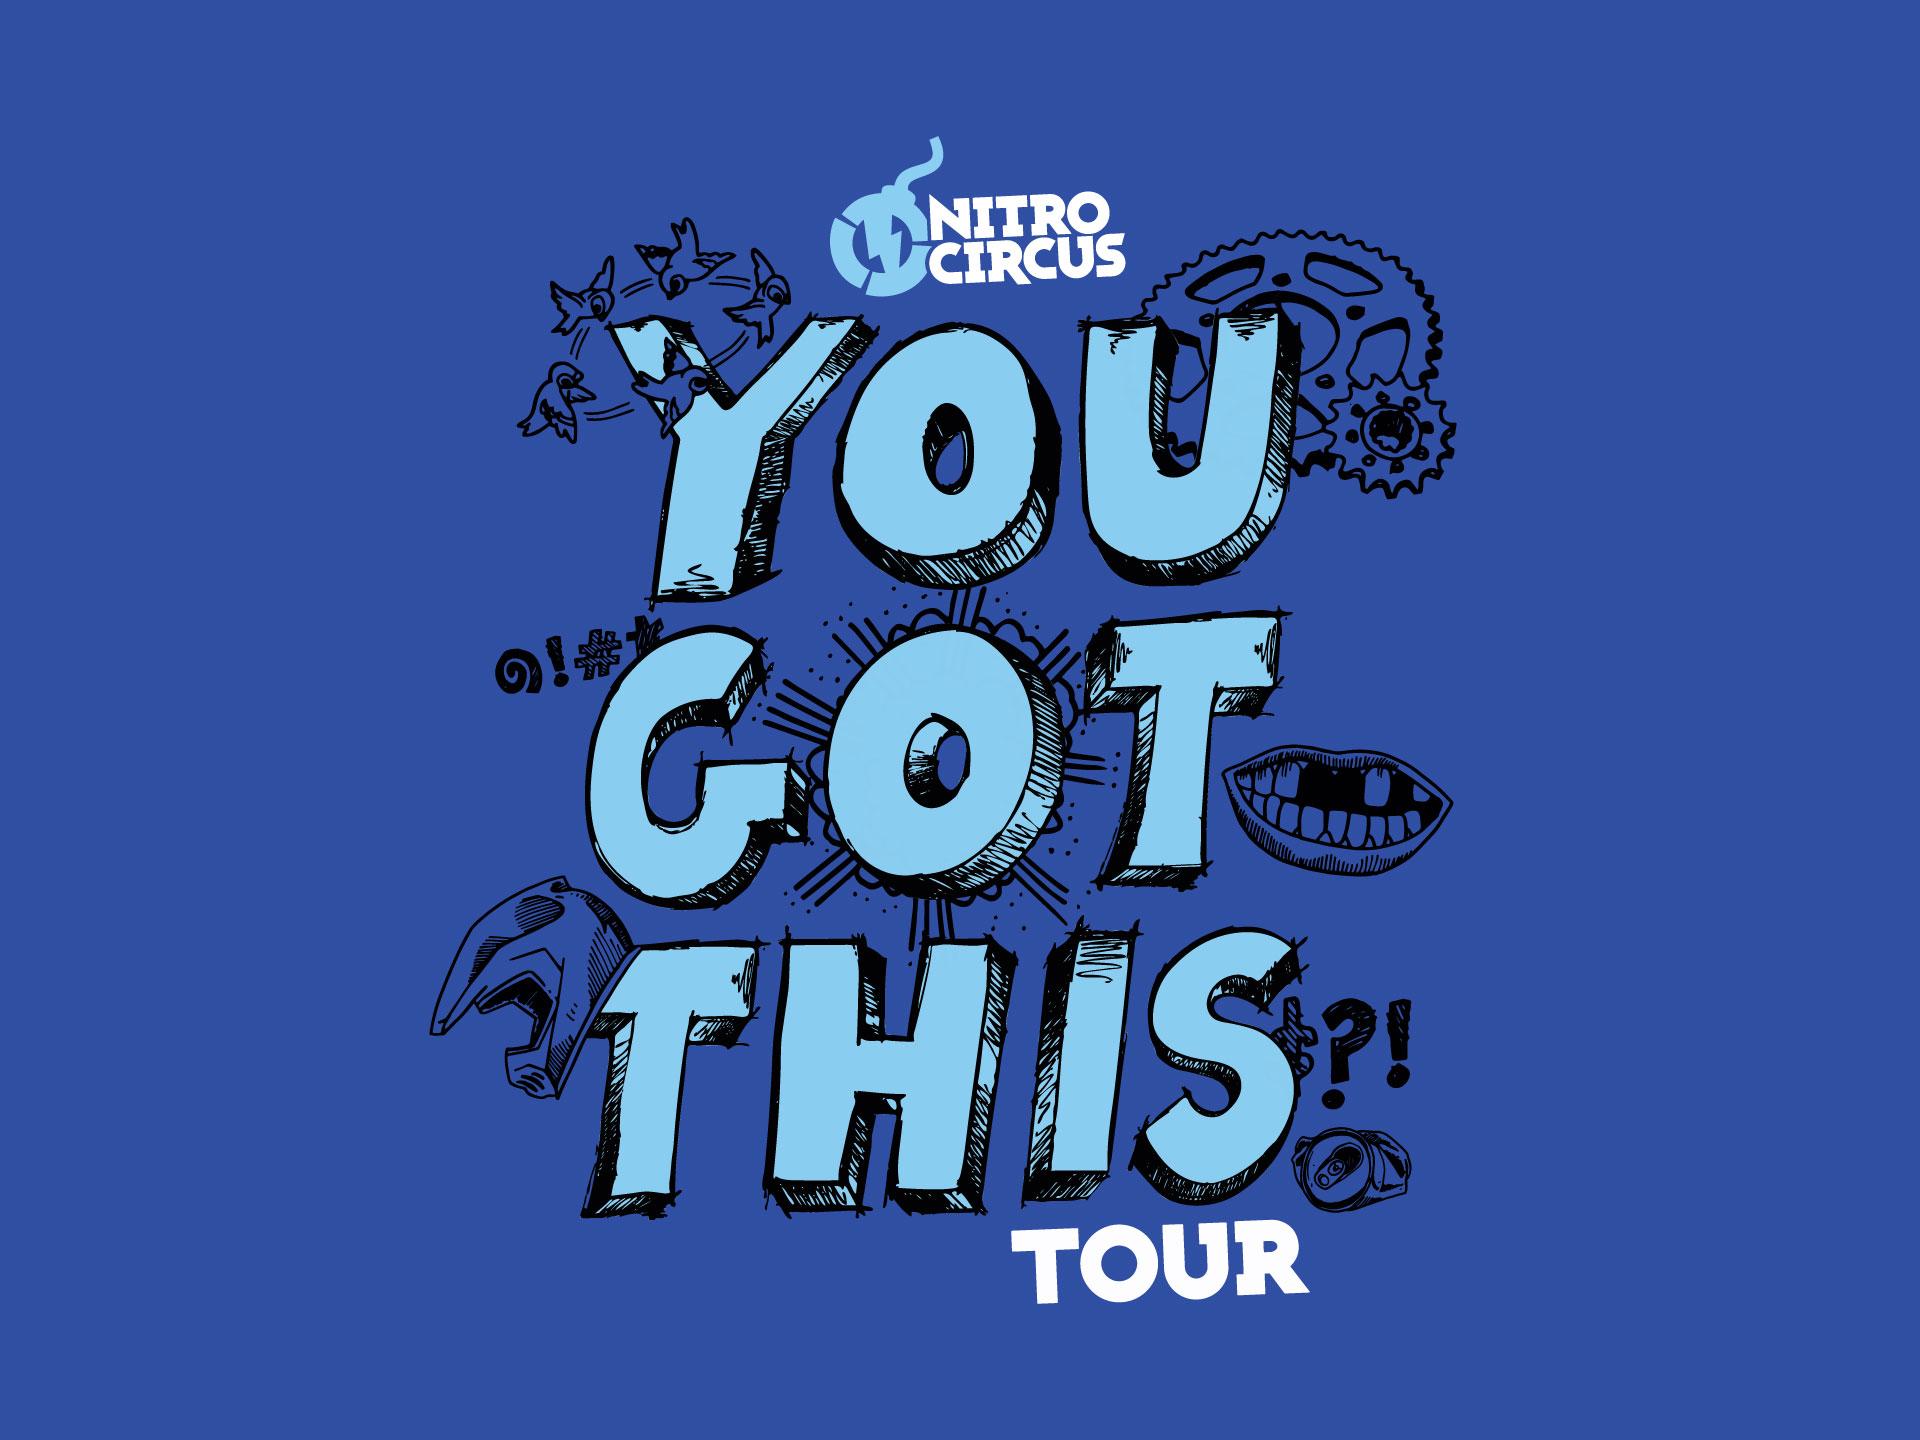 You Got This Tour Superbase x Nitro Circus